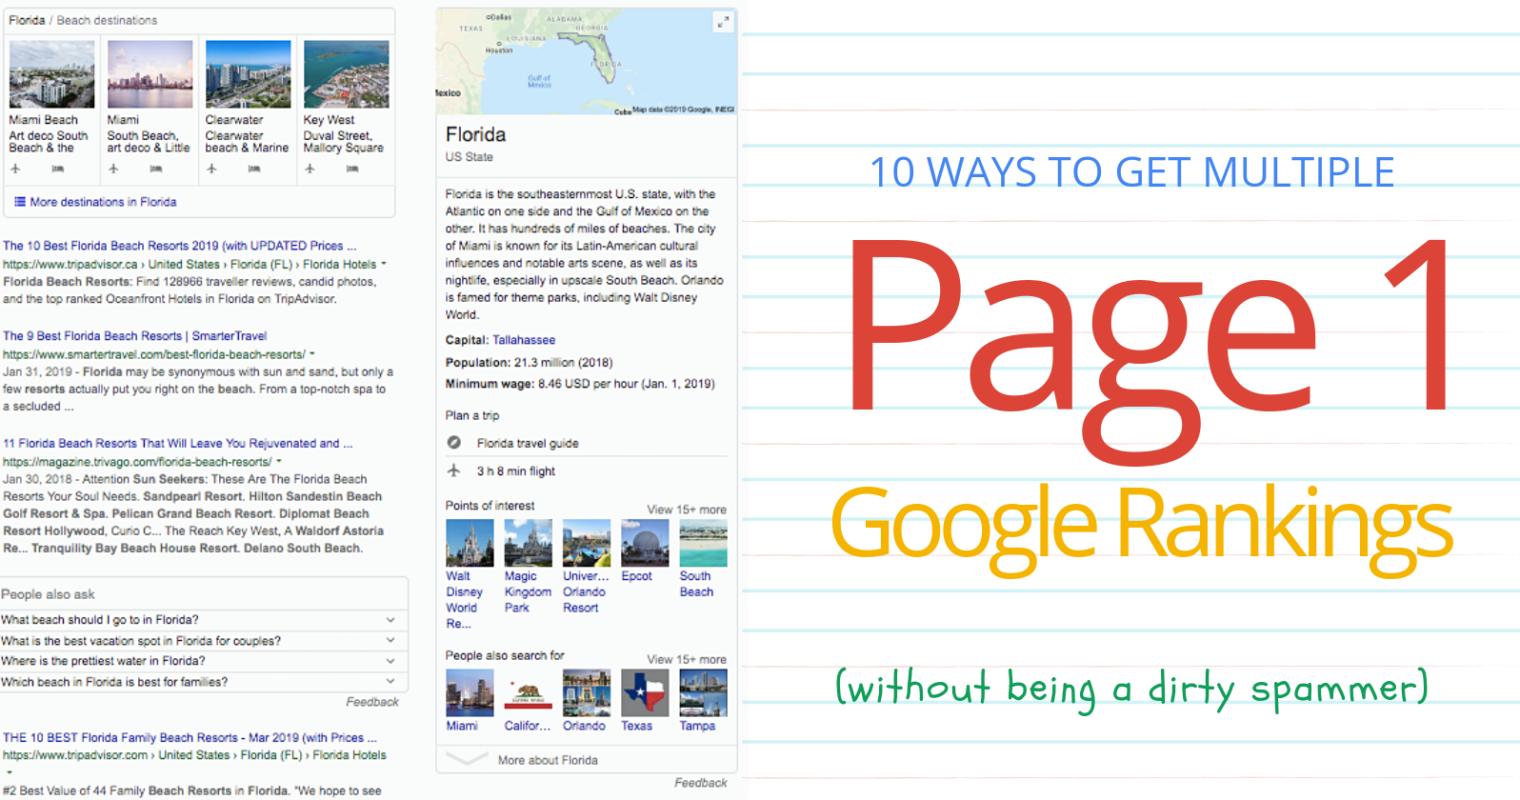 f98f539ea7a8fa482e2c97ec3c723946 - How To Get On Google Page 1 In An Hour